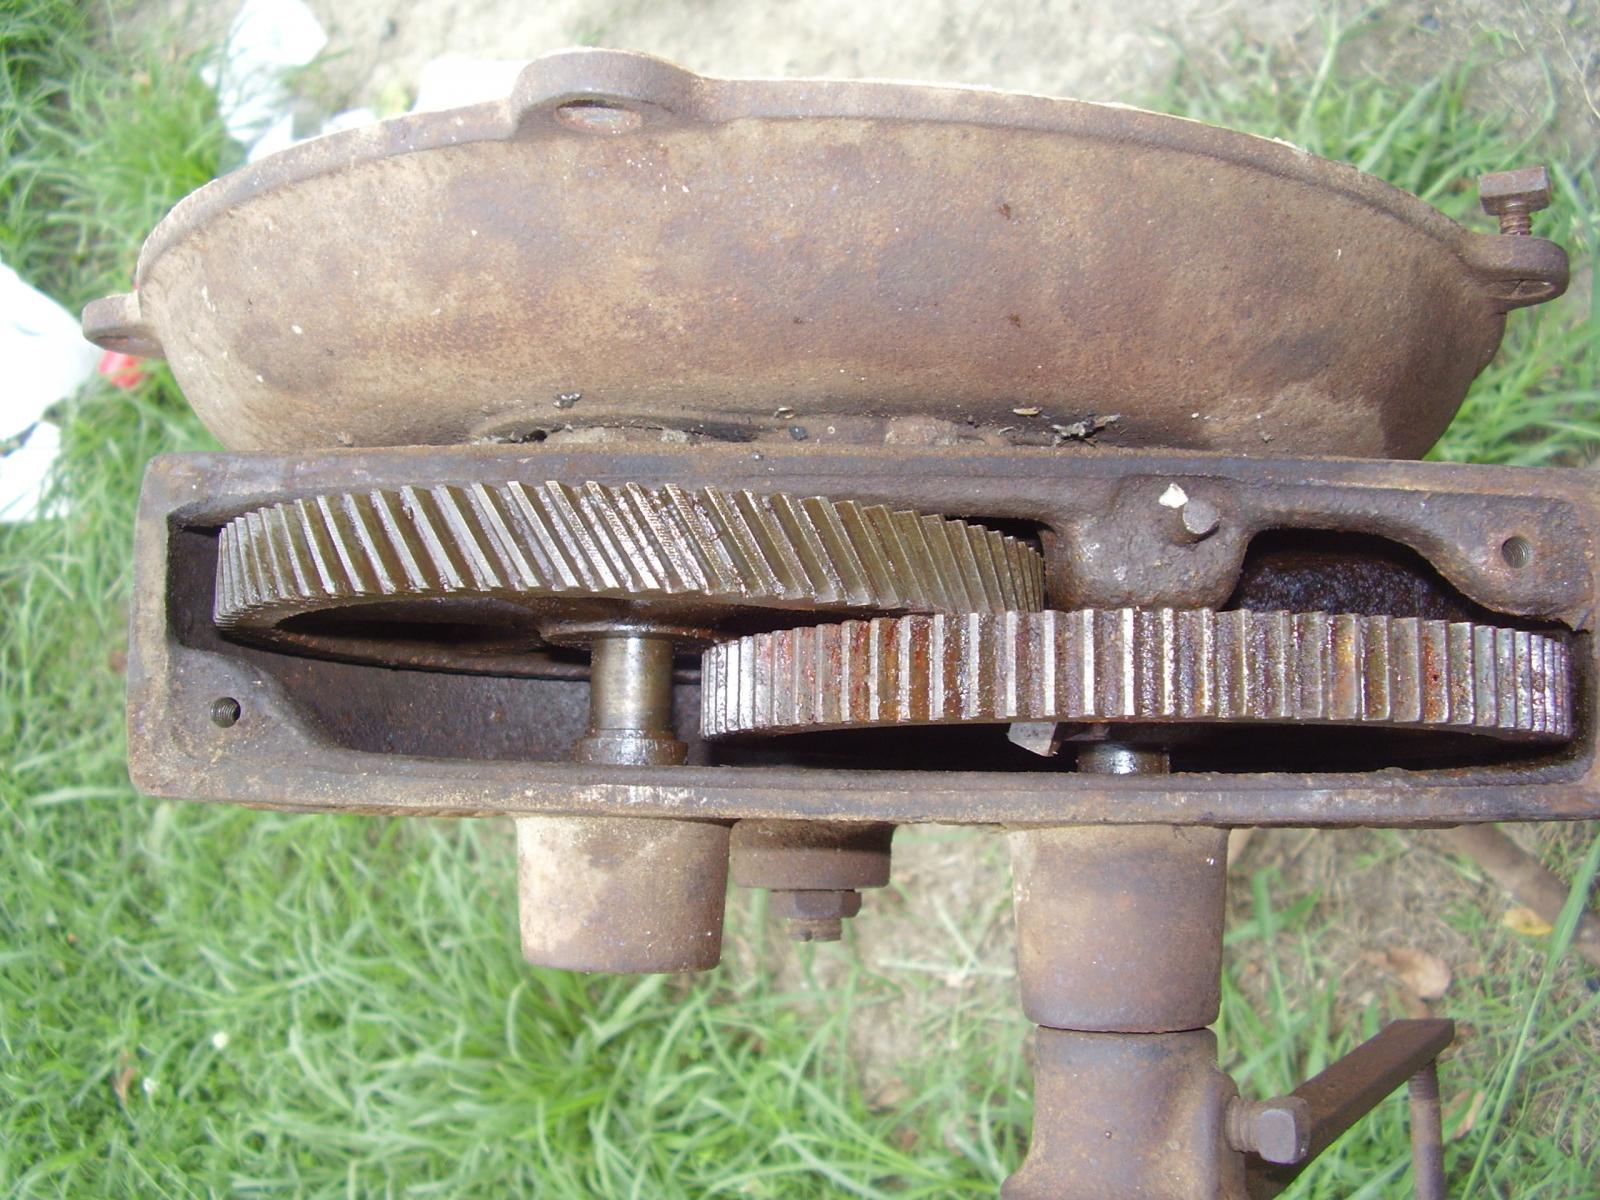 Lancaster Blower Gears (Missing a Gear)